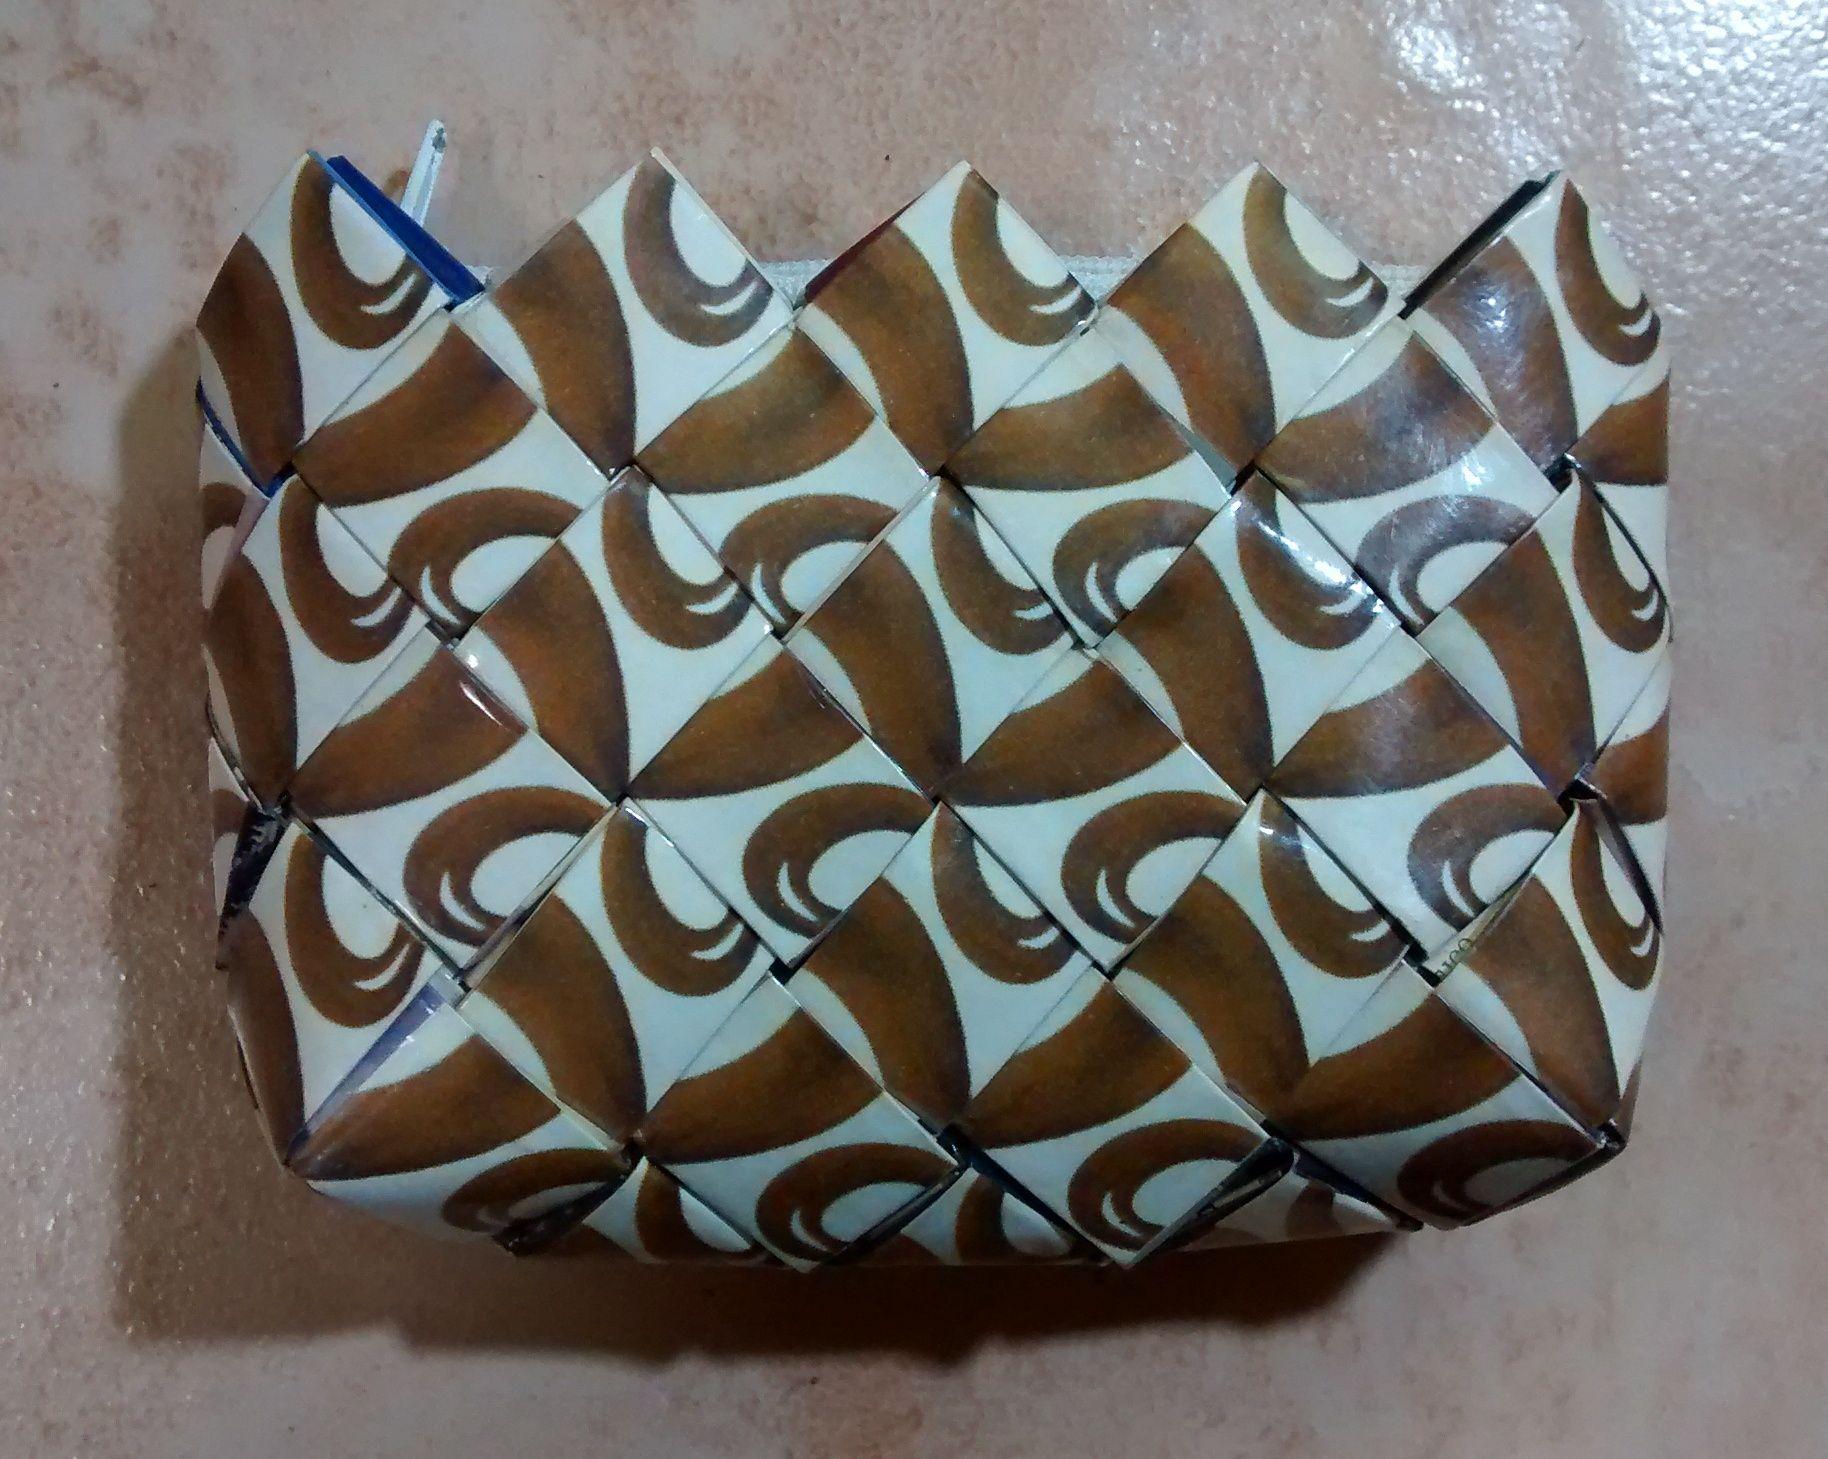 Monedero de papel plastificado 11x8 cms ecoaccesorios for Papel pintado plastificado